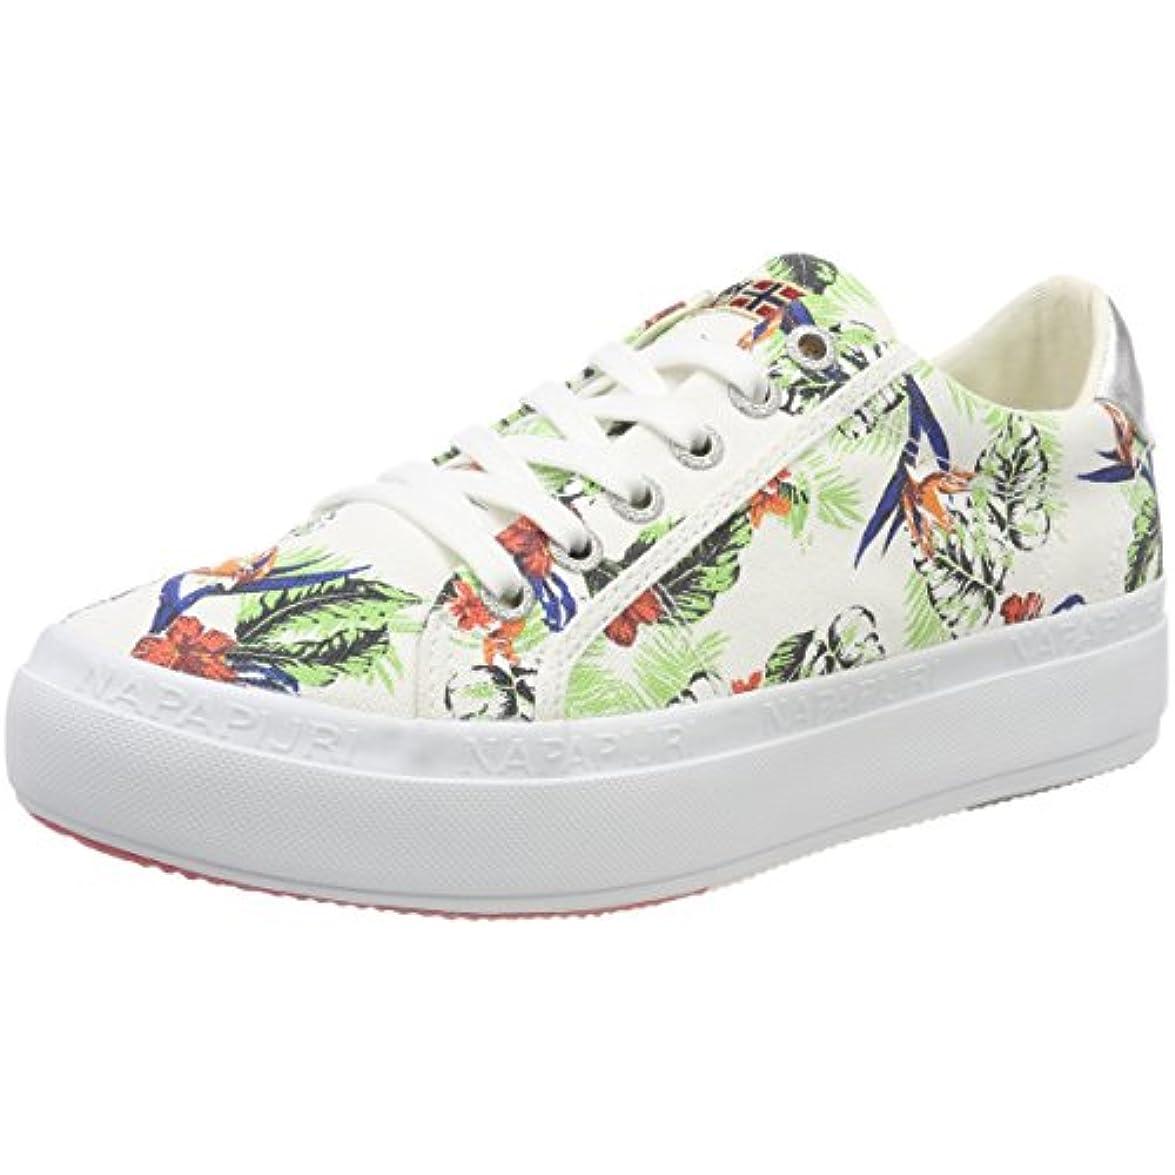 Napapijri Astrid Sneaker Donna